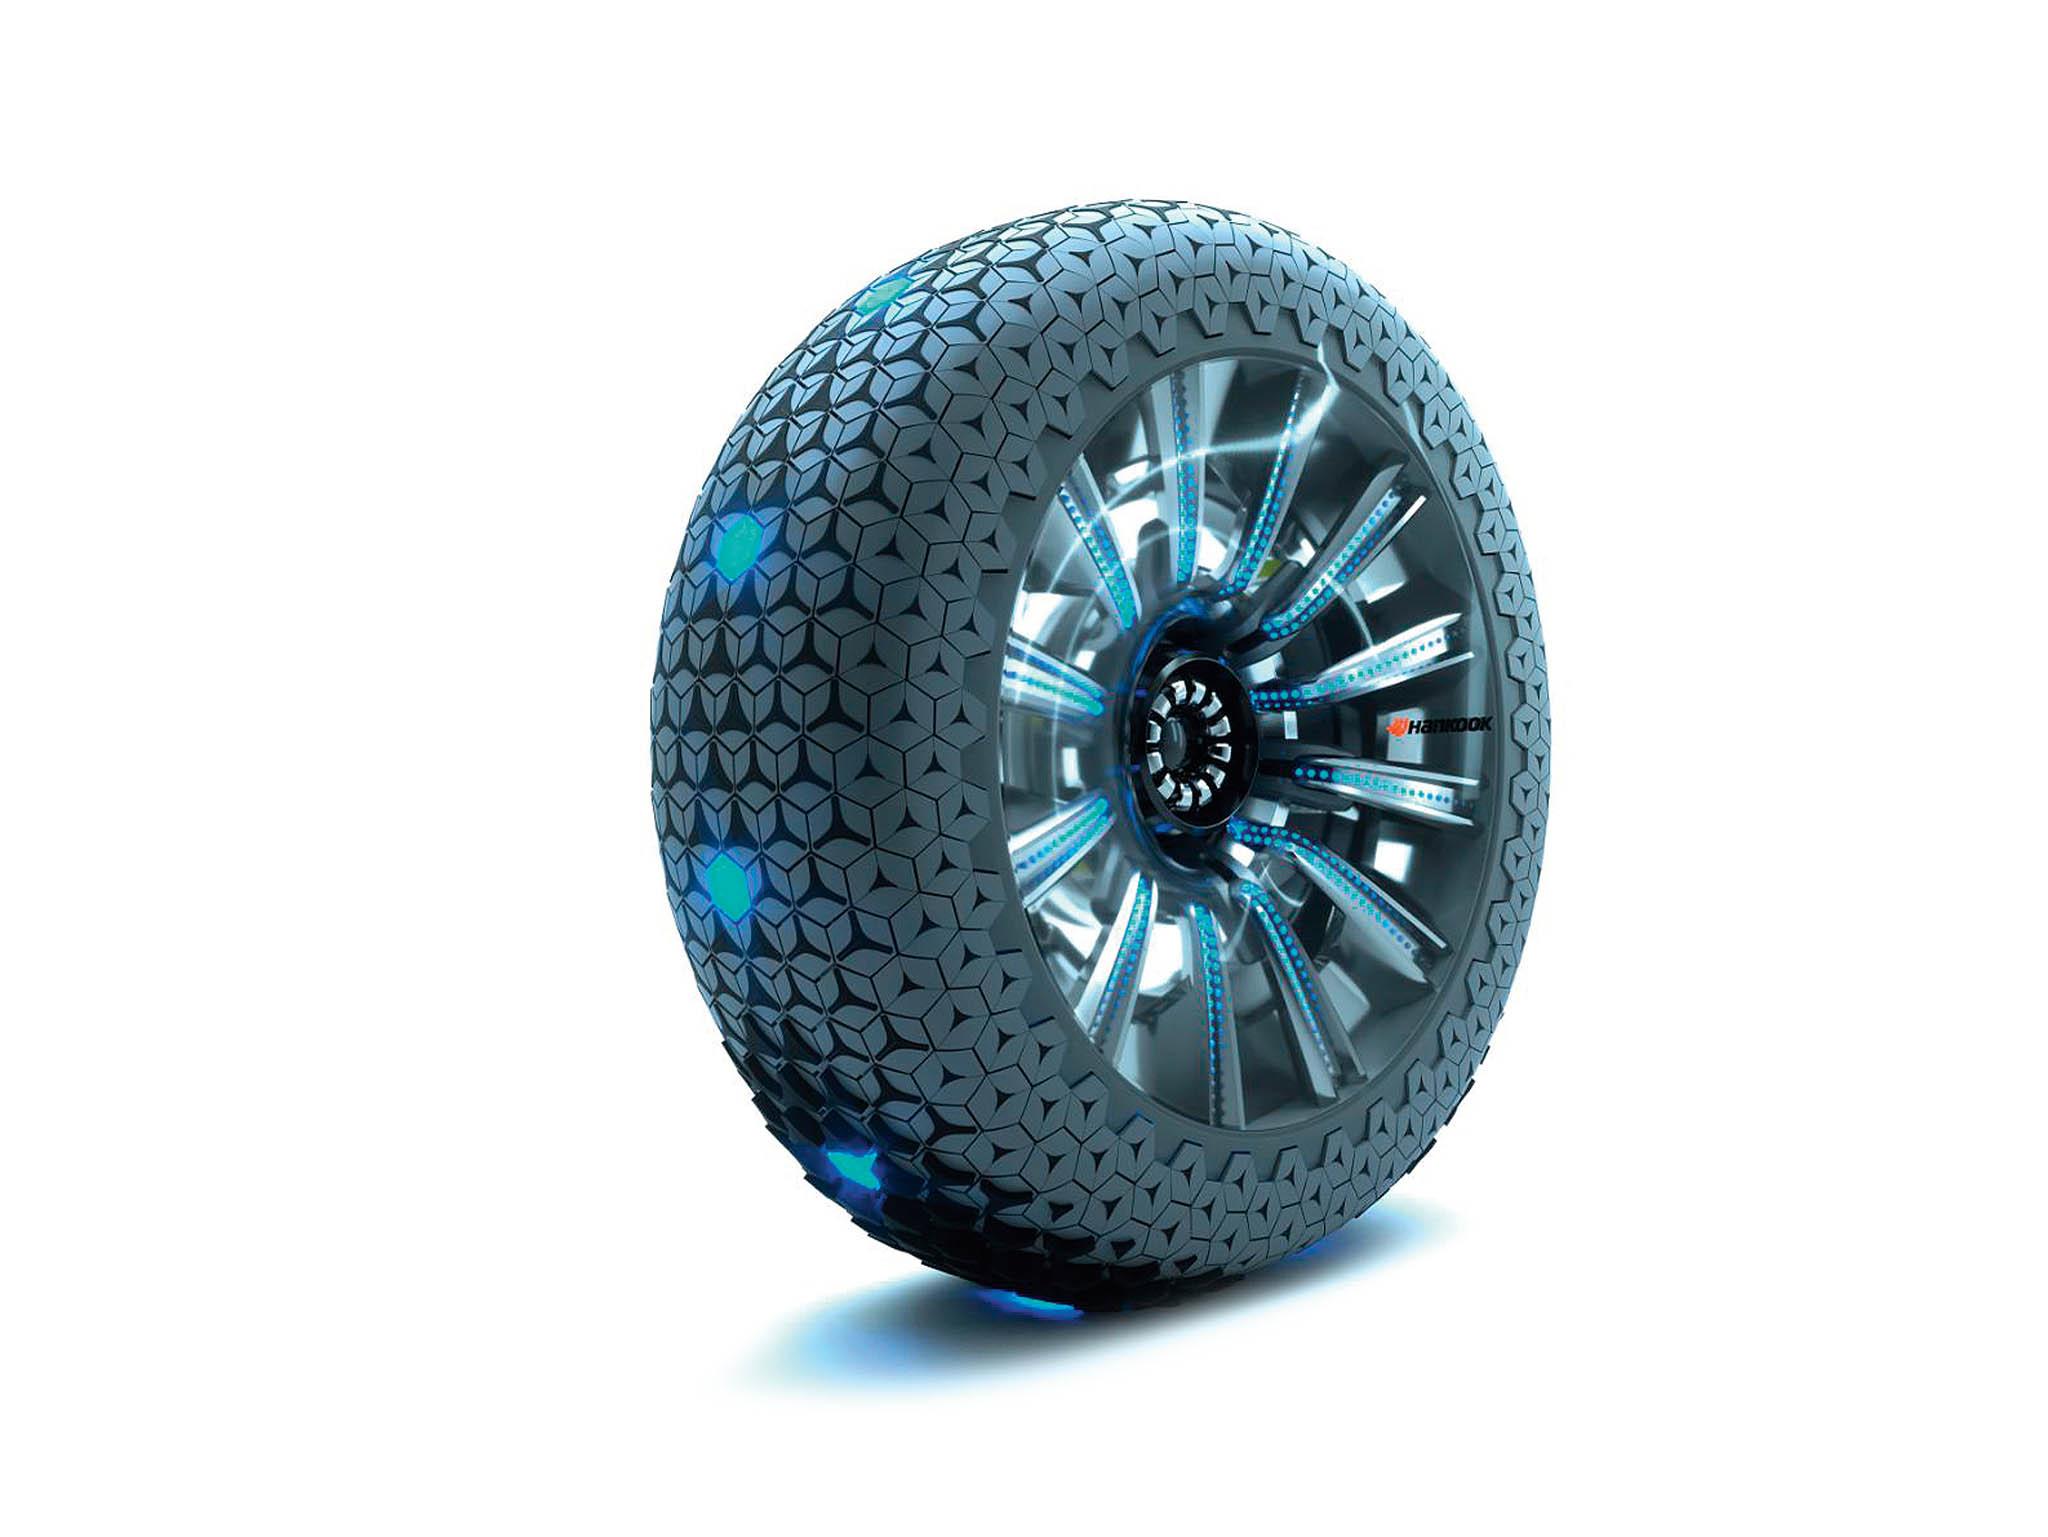 Systém Hexonicje primárně určený pro automobily bezřidiče. Povrch kola se automaticky mění podle povrchu vozovky.